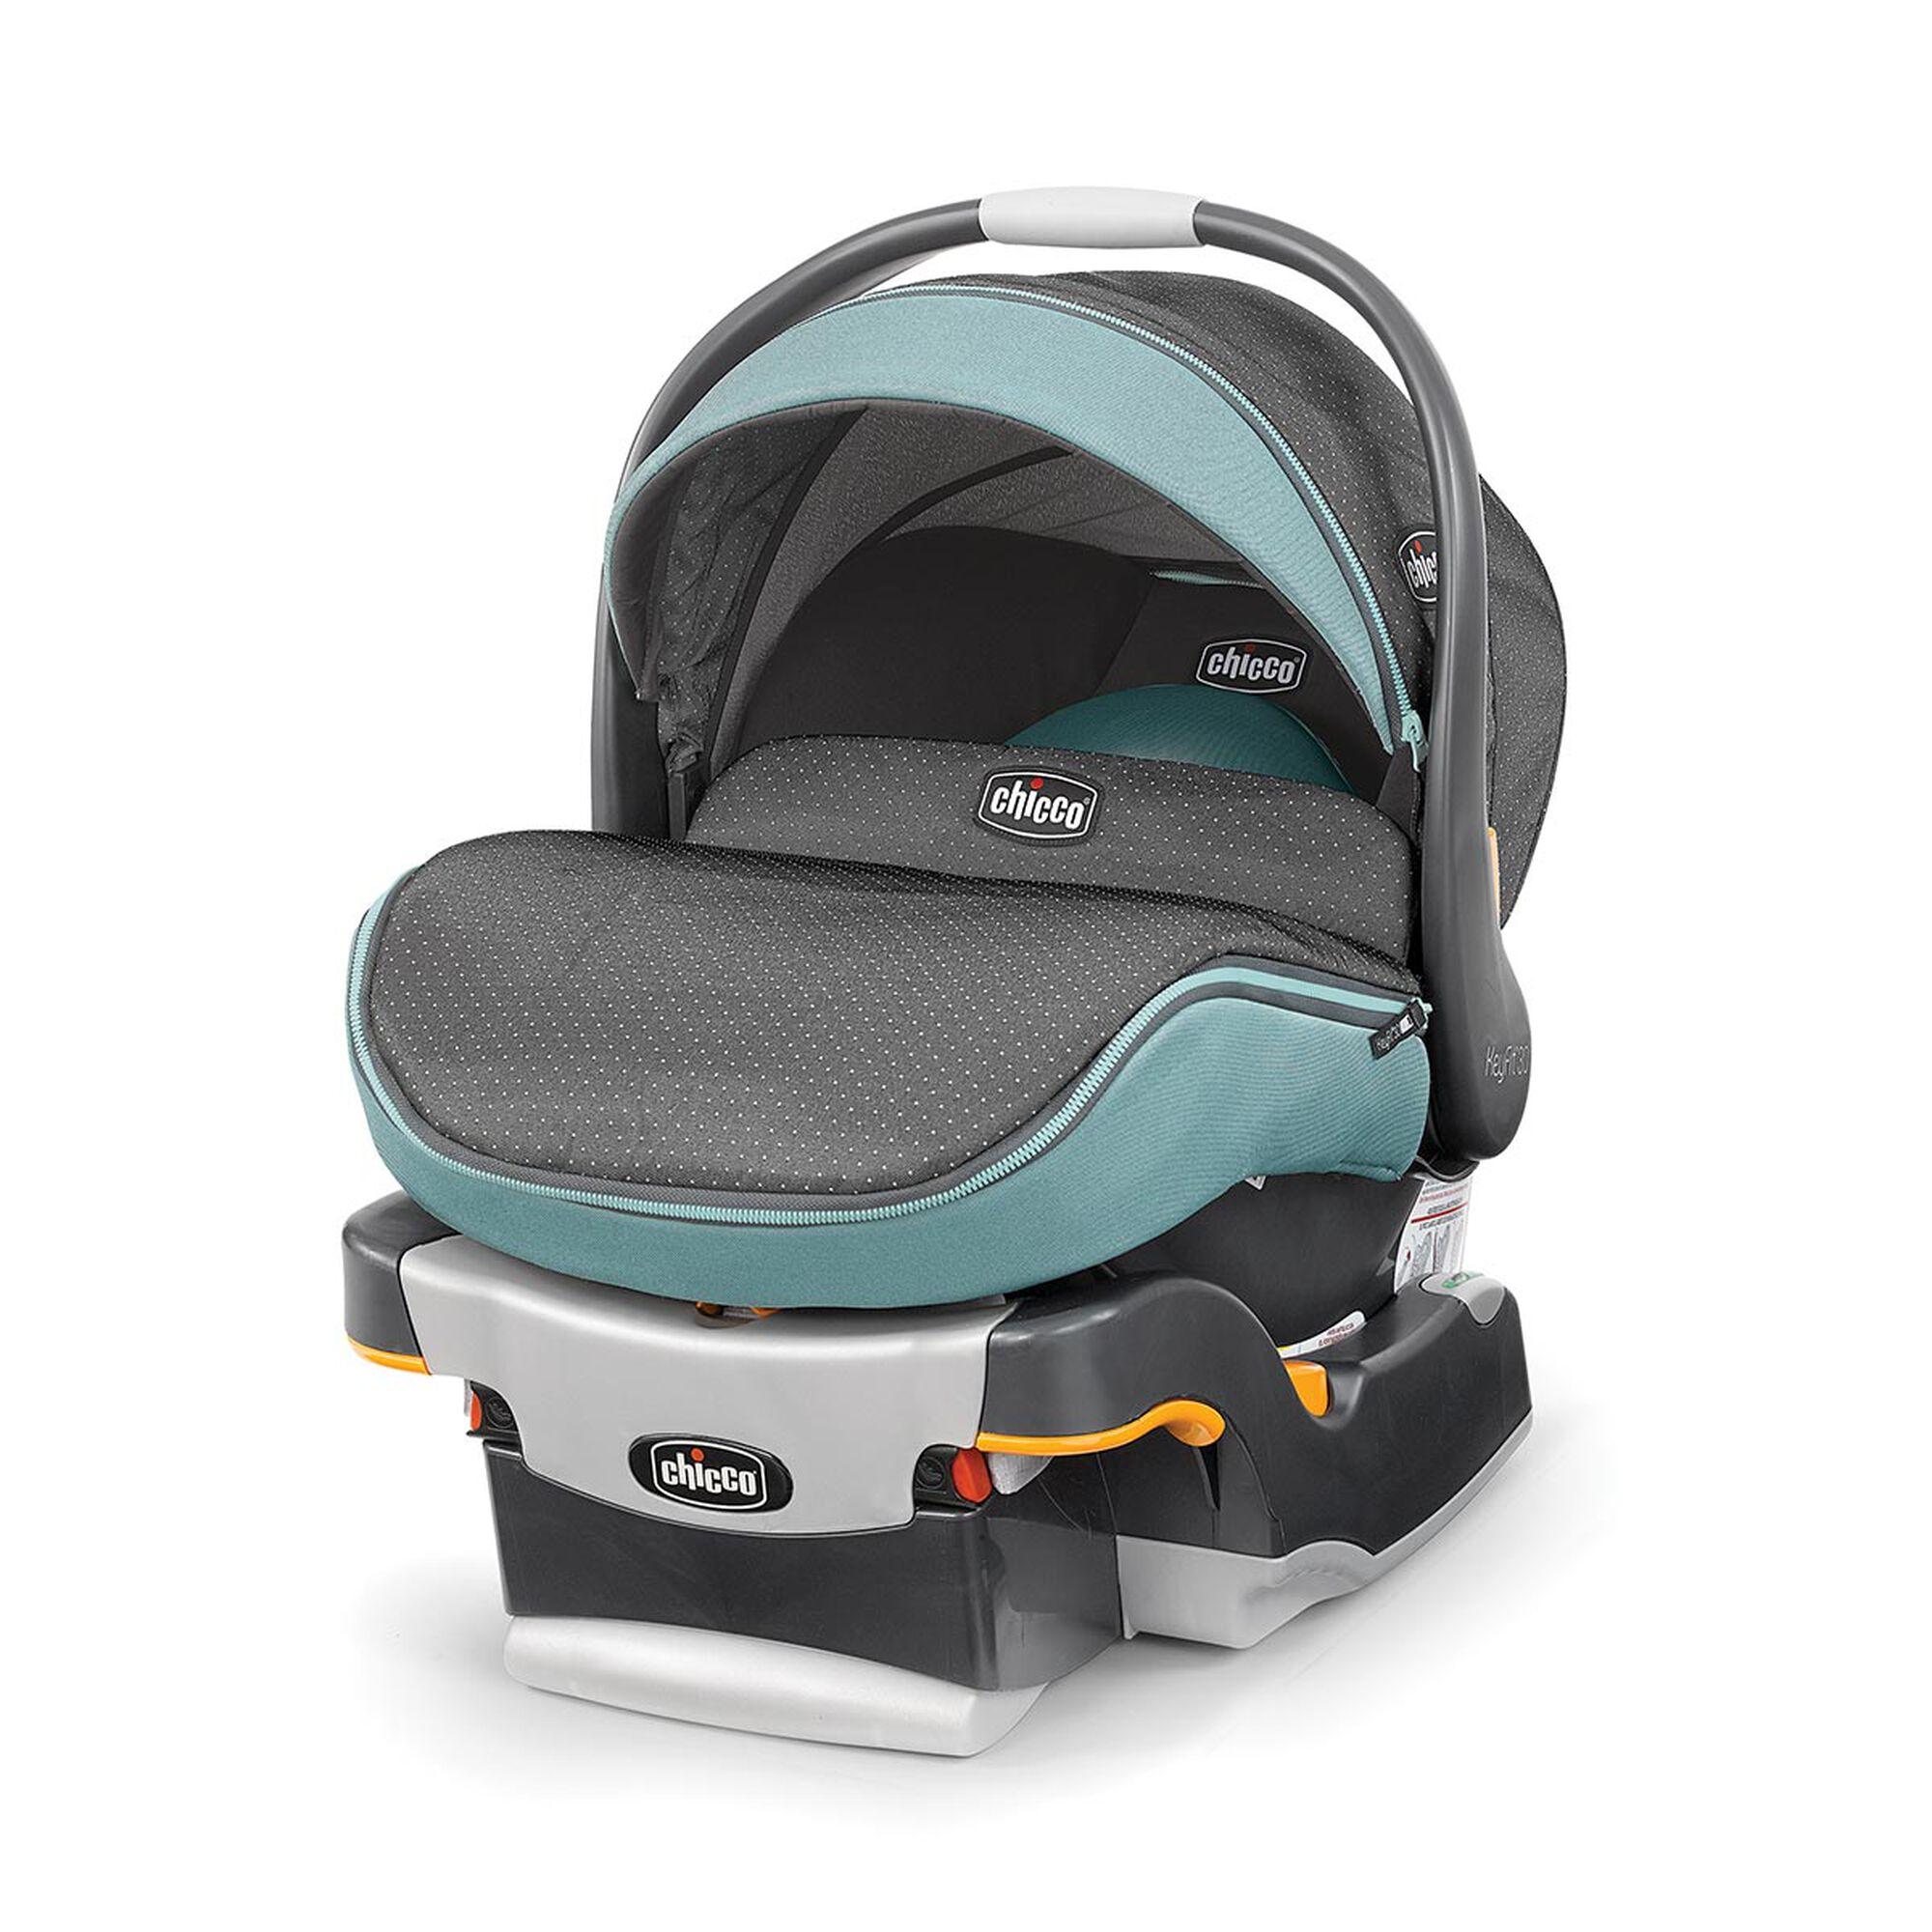 chicco keyfit 30 zip infant car seat serene. Black Bedroom Furniture Sets. Home Design Ideas